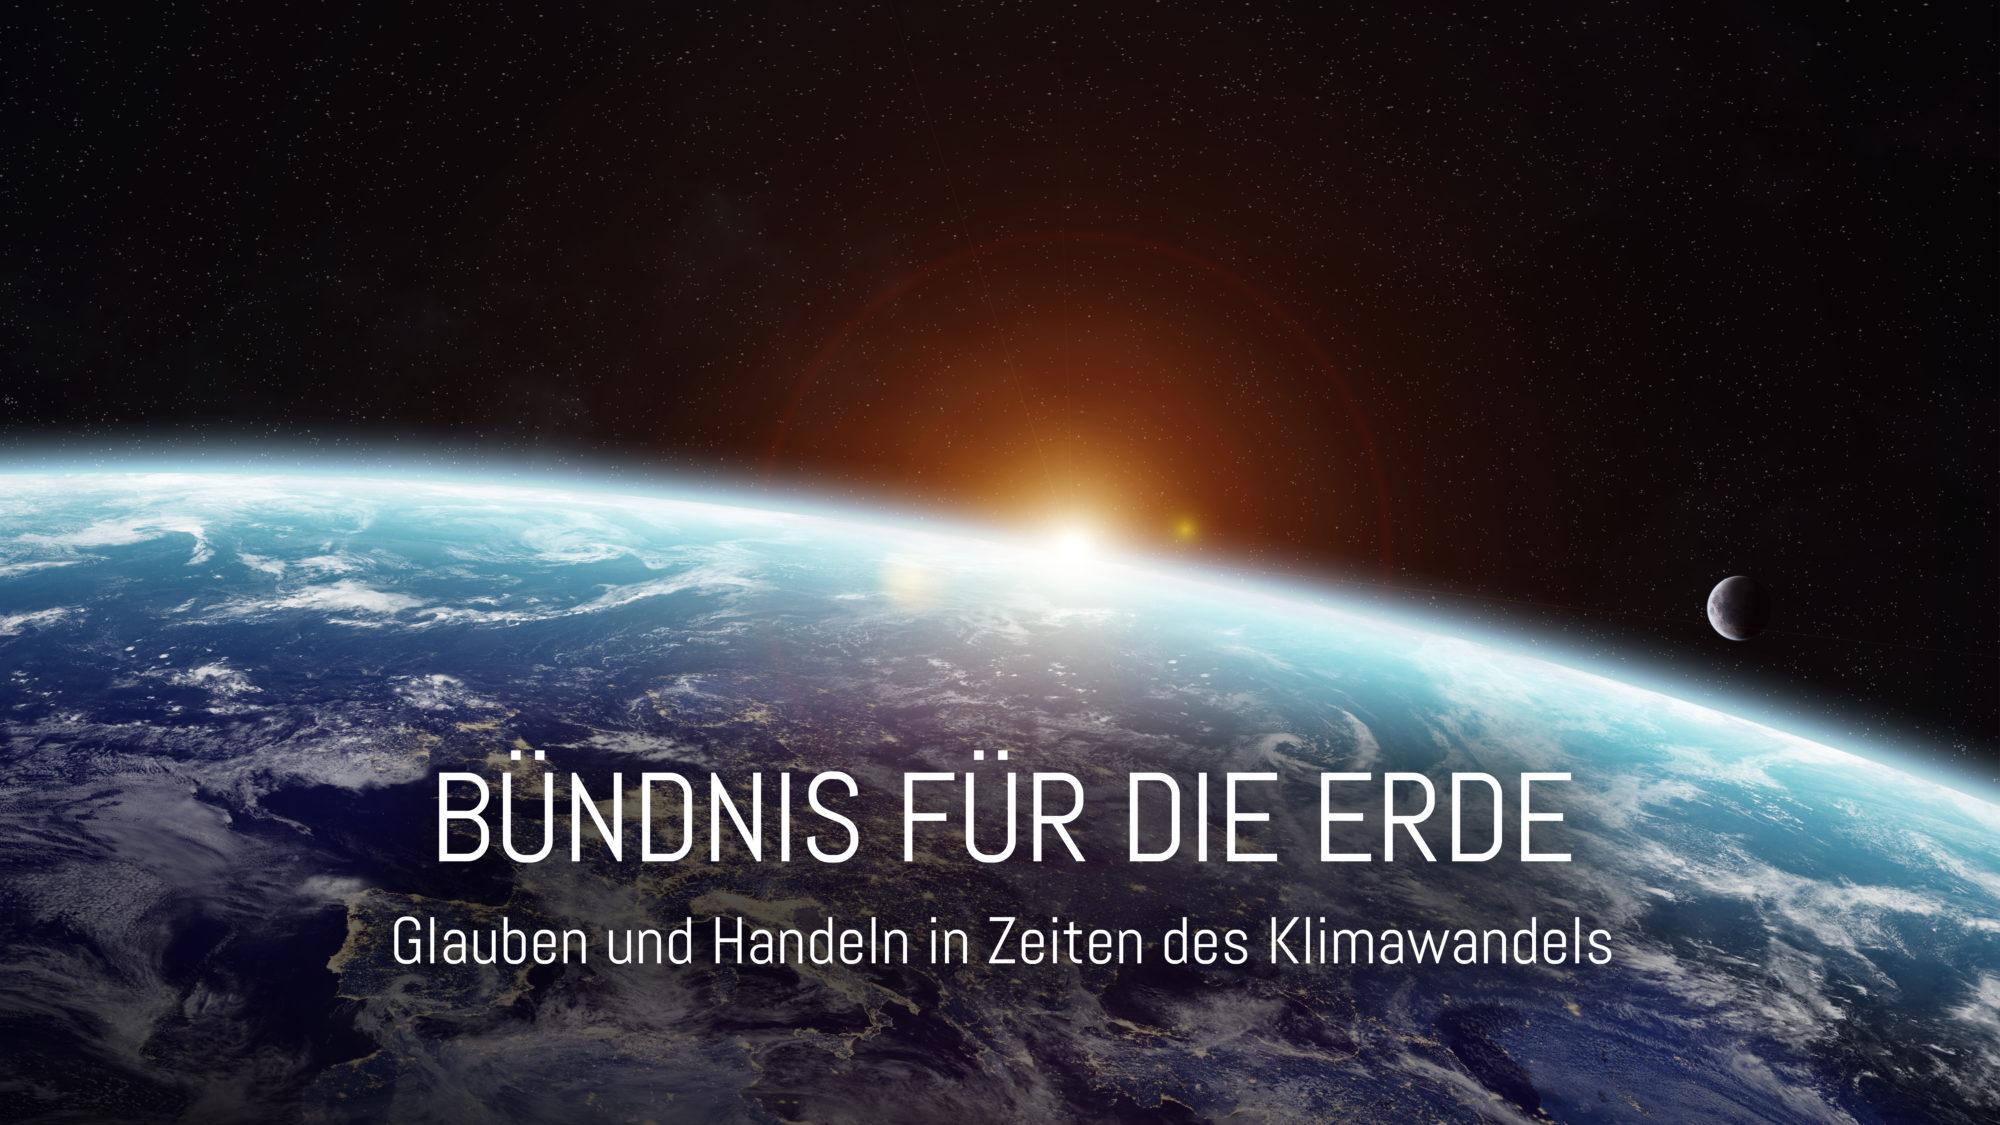 Bündnis für die Erde